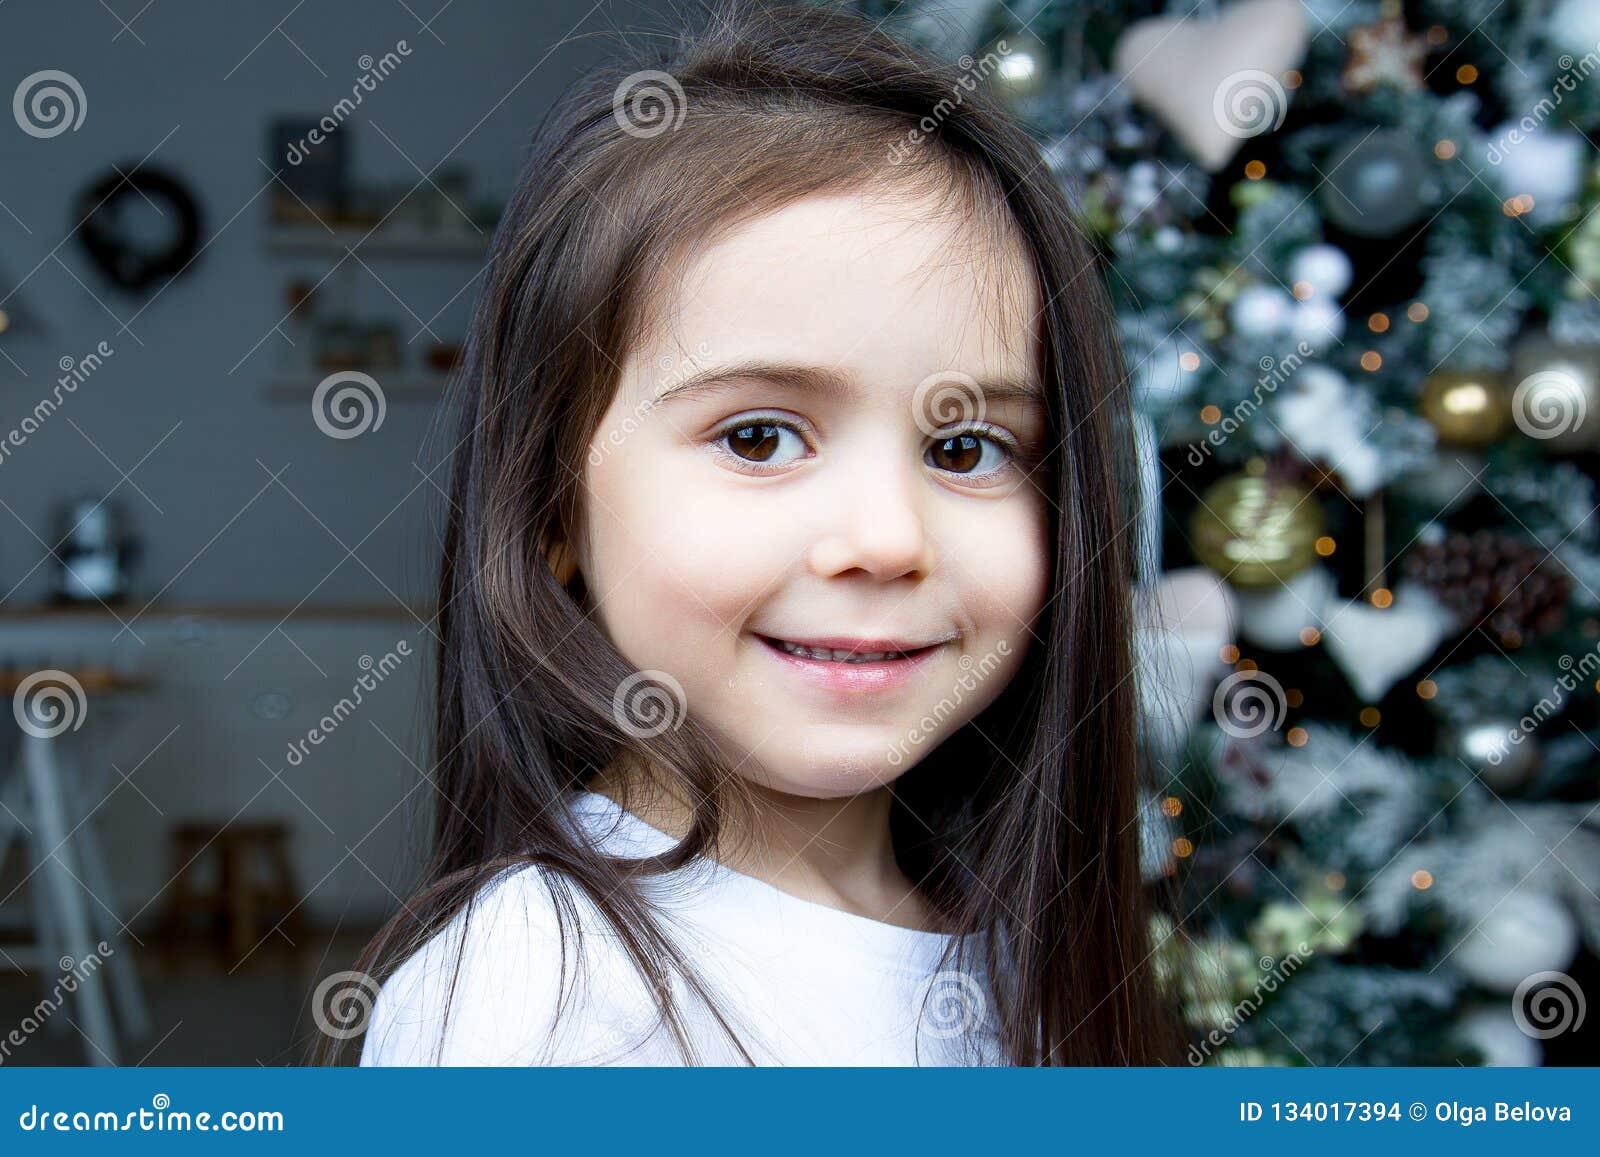 Contra el árbol de navidad, un retrato de una niña